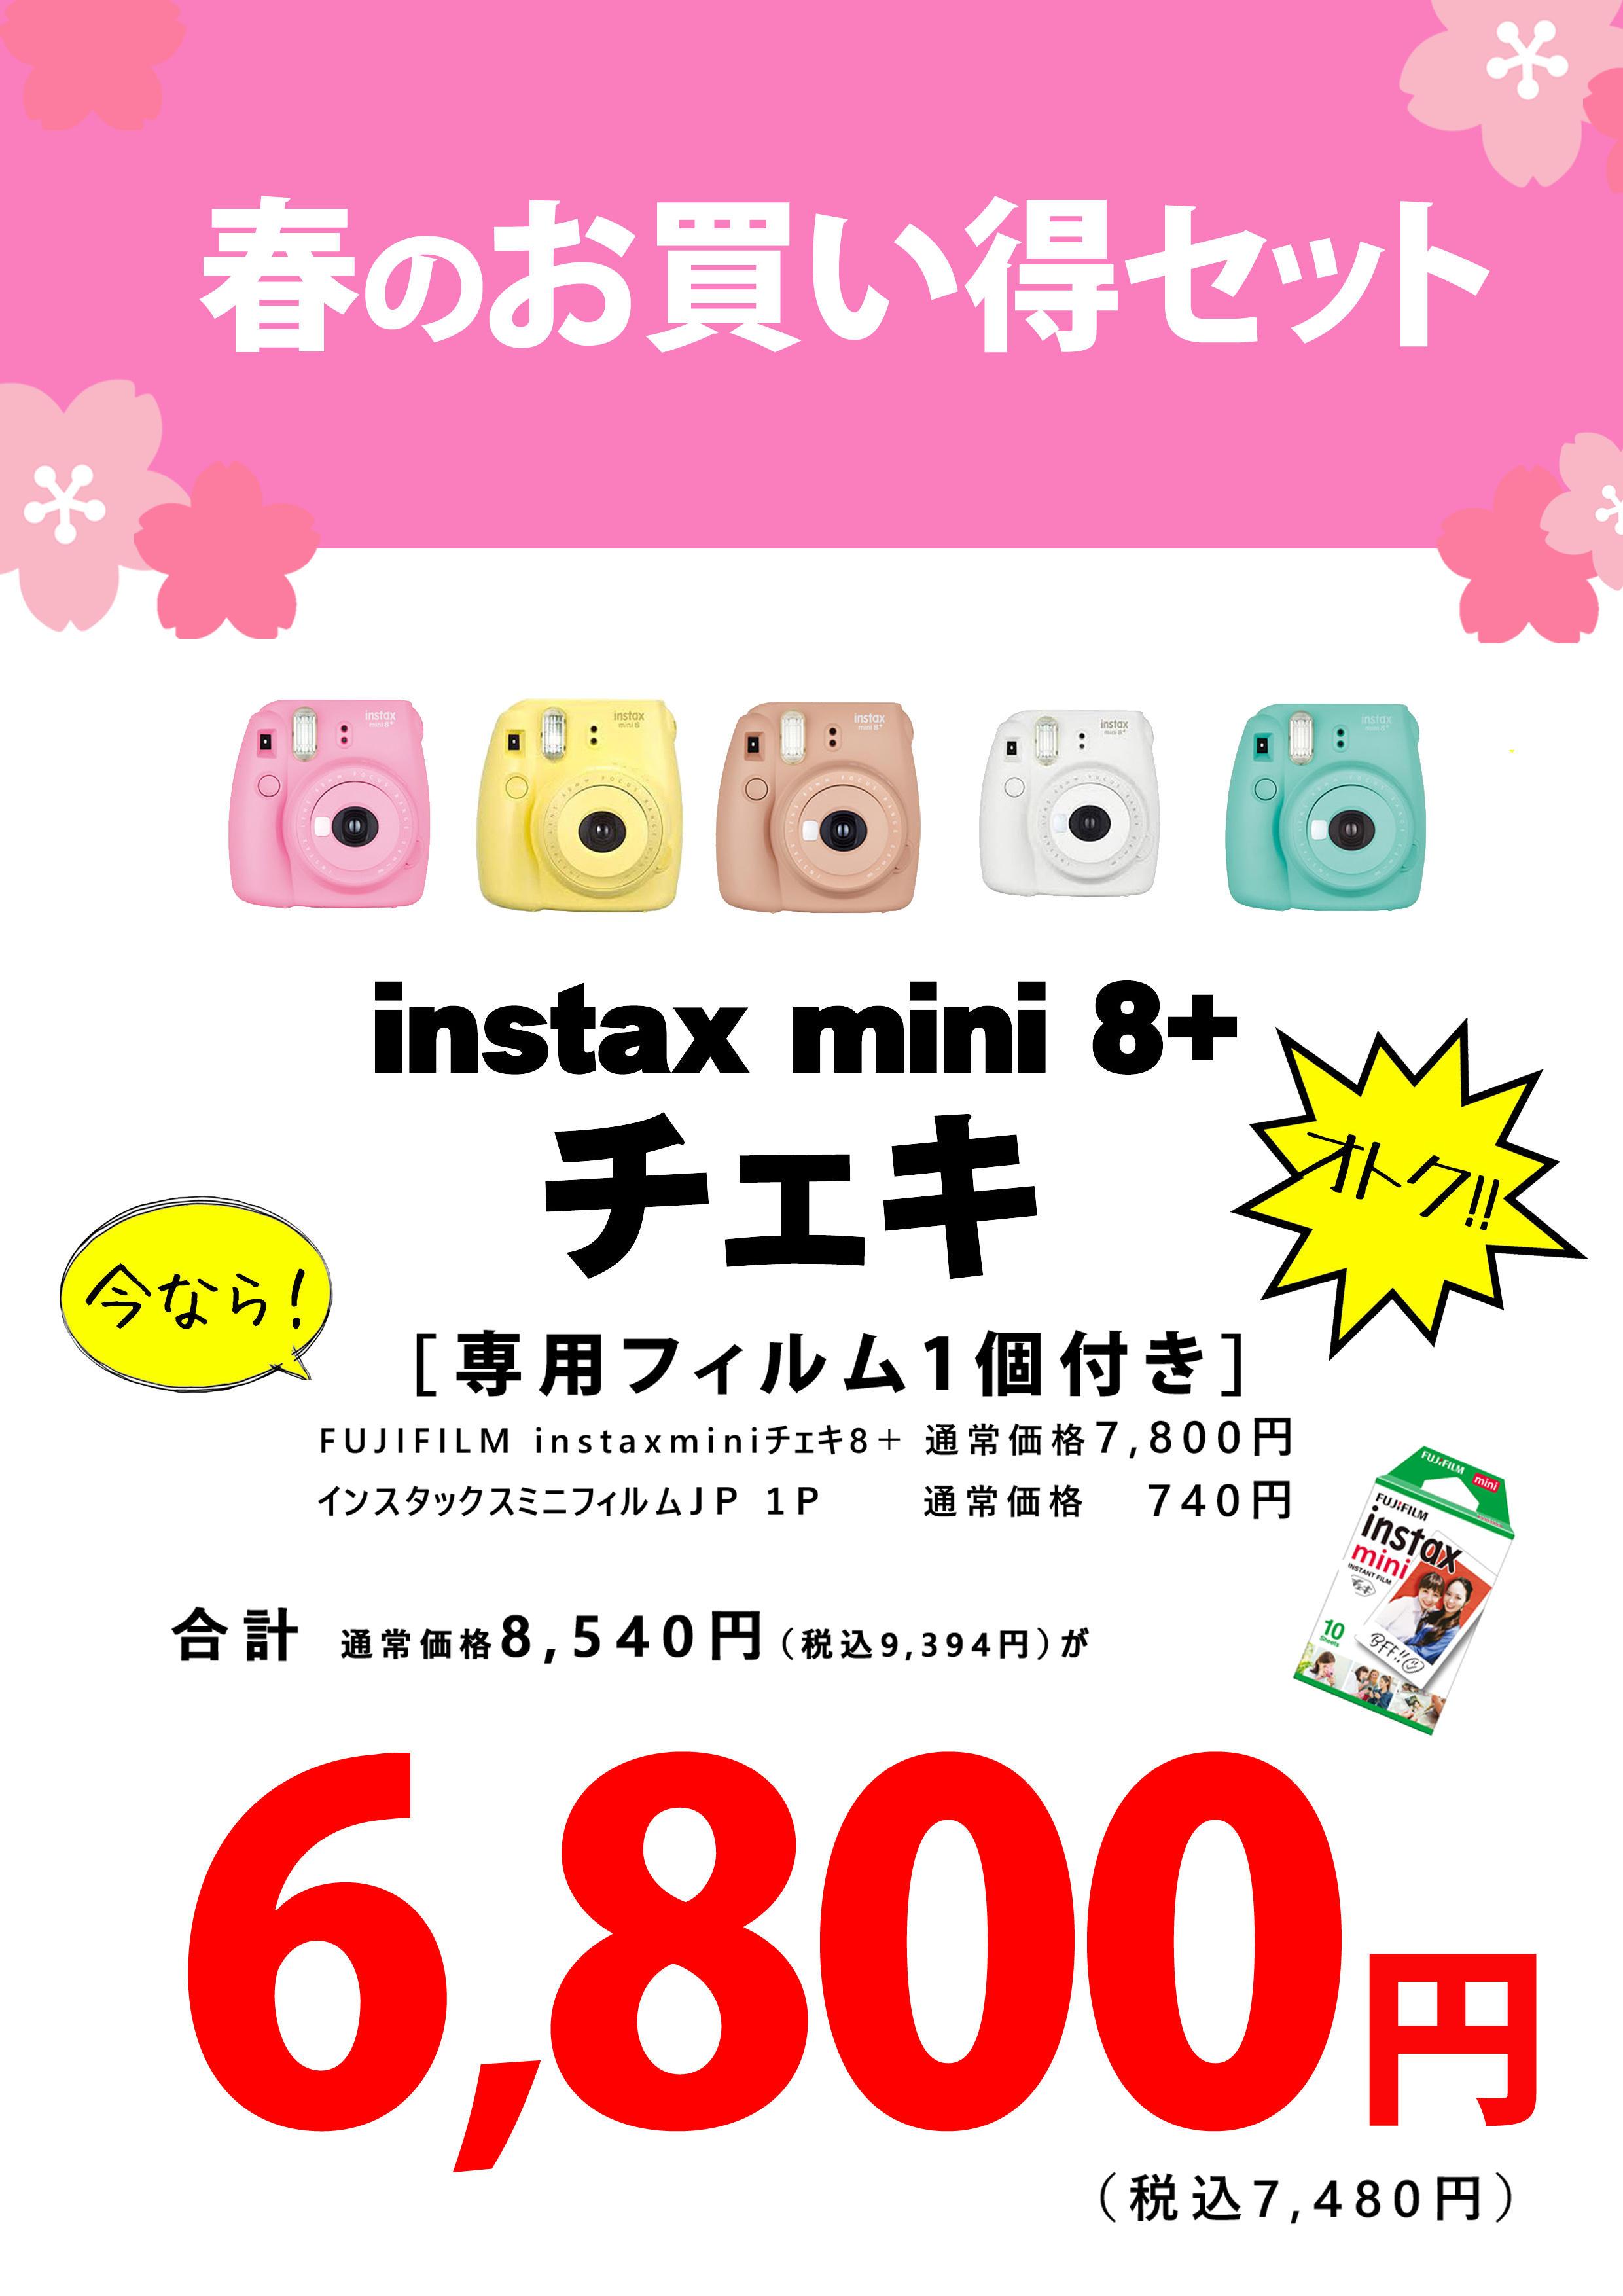 https://emifull.jp/shop/palette/images/0458903012002a3f887f3d56bd6ee605ab4824f6.jpg